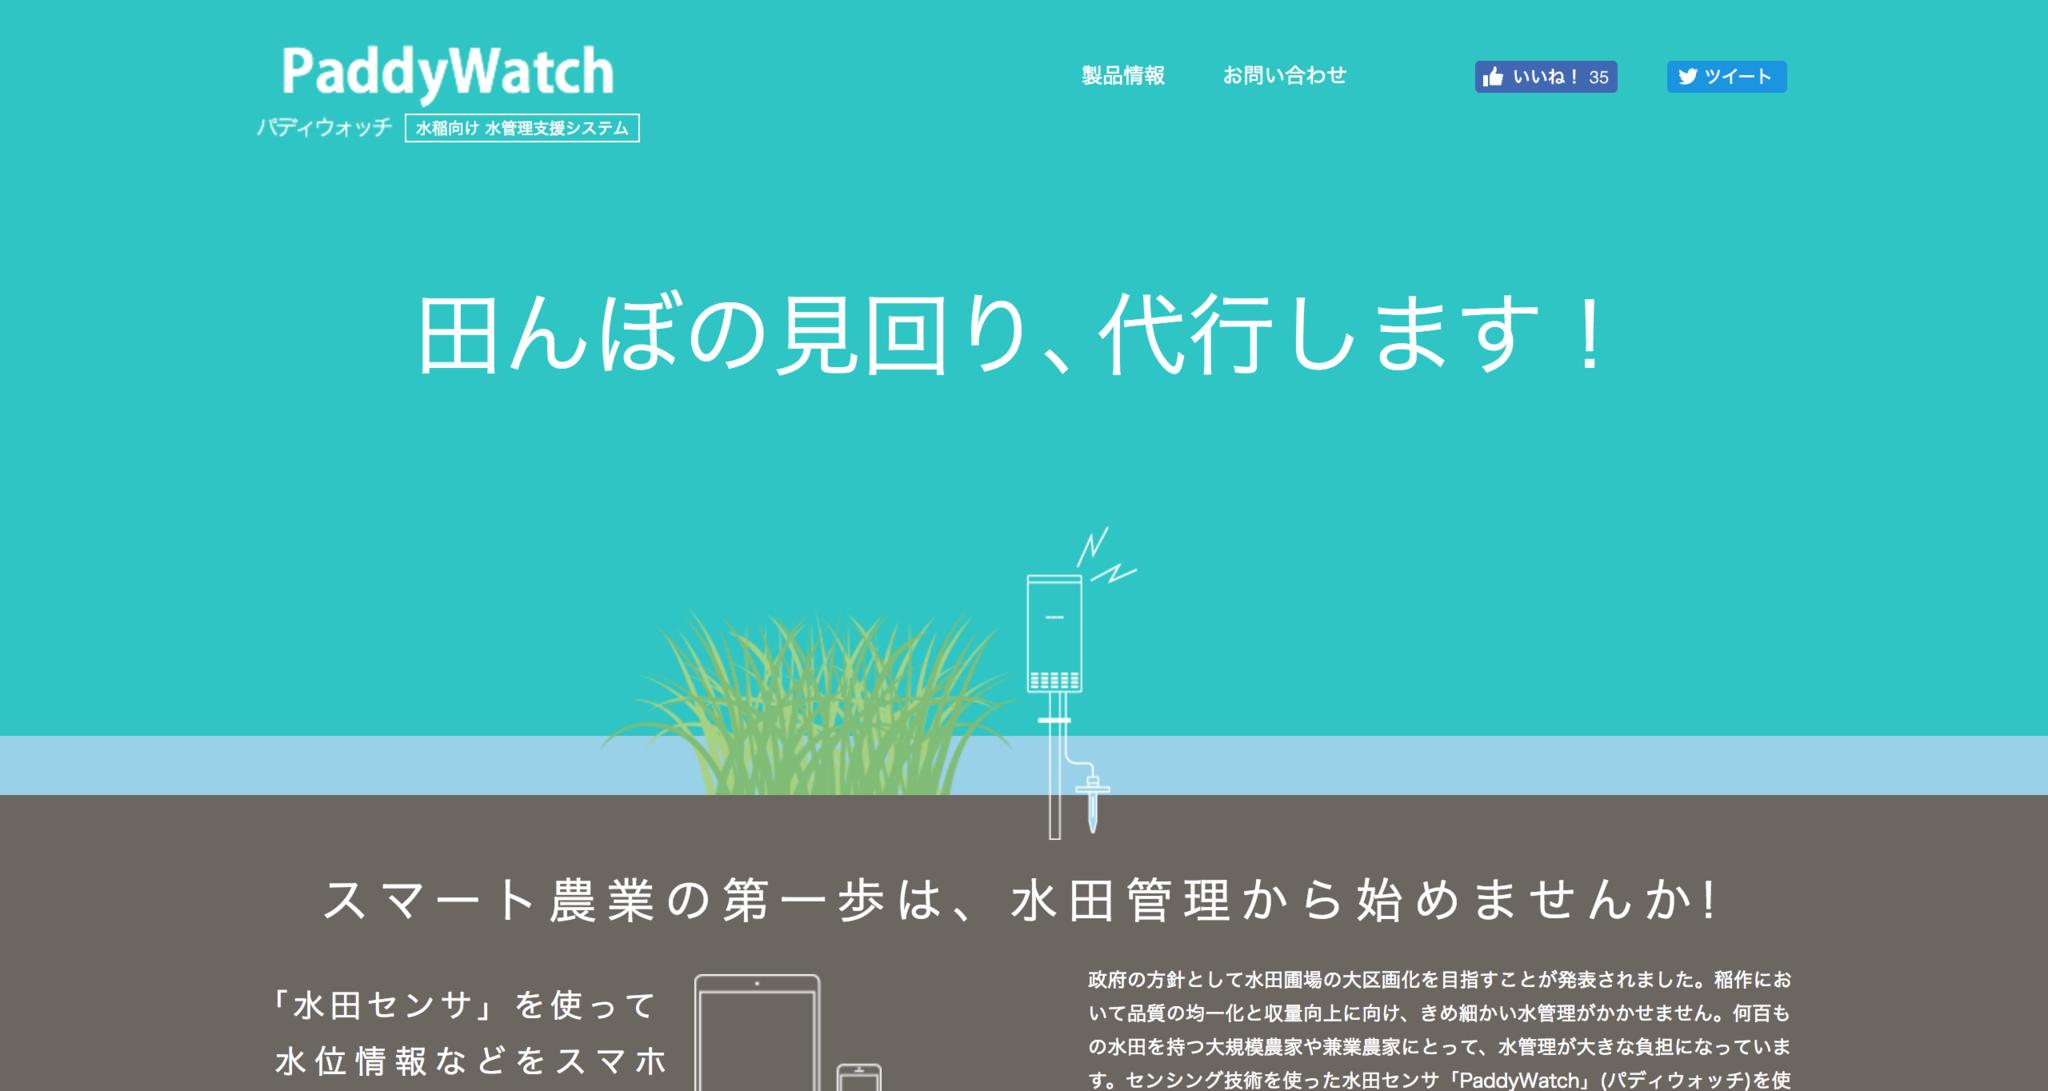 スマート農業における水稲の水位・水温を計測する水田センサ PaddyWatch.png